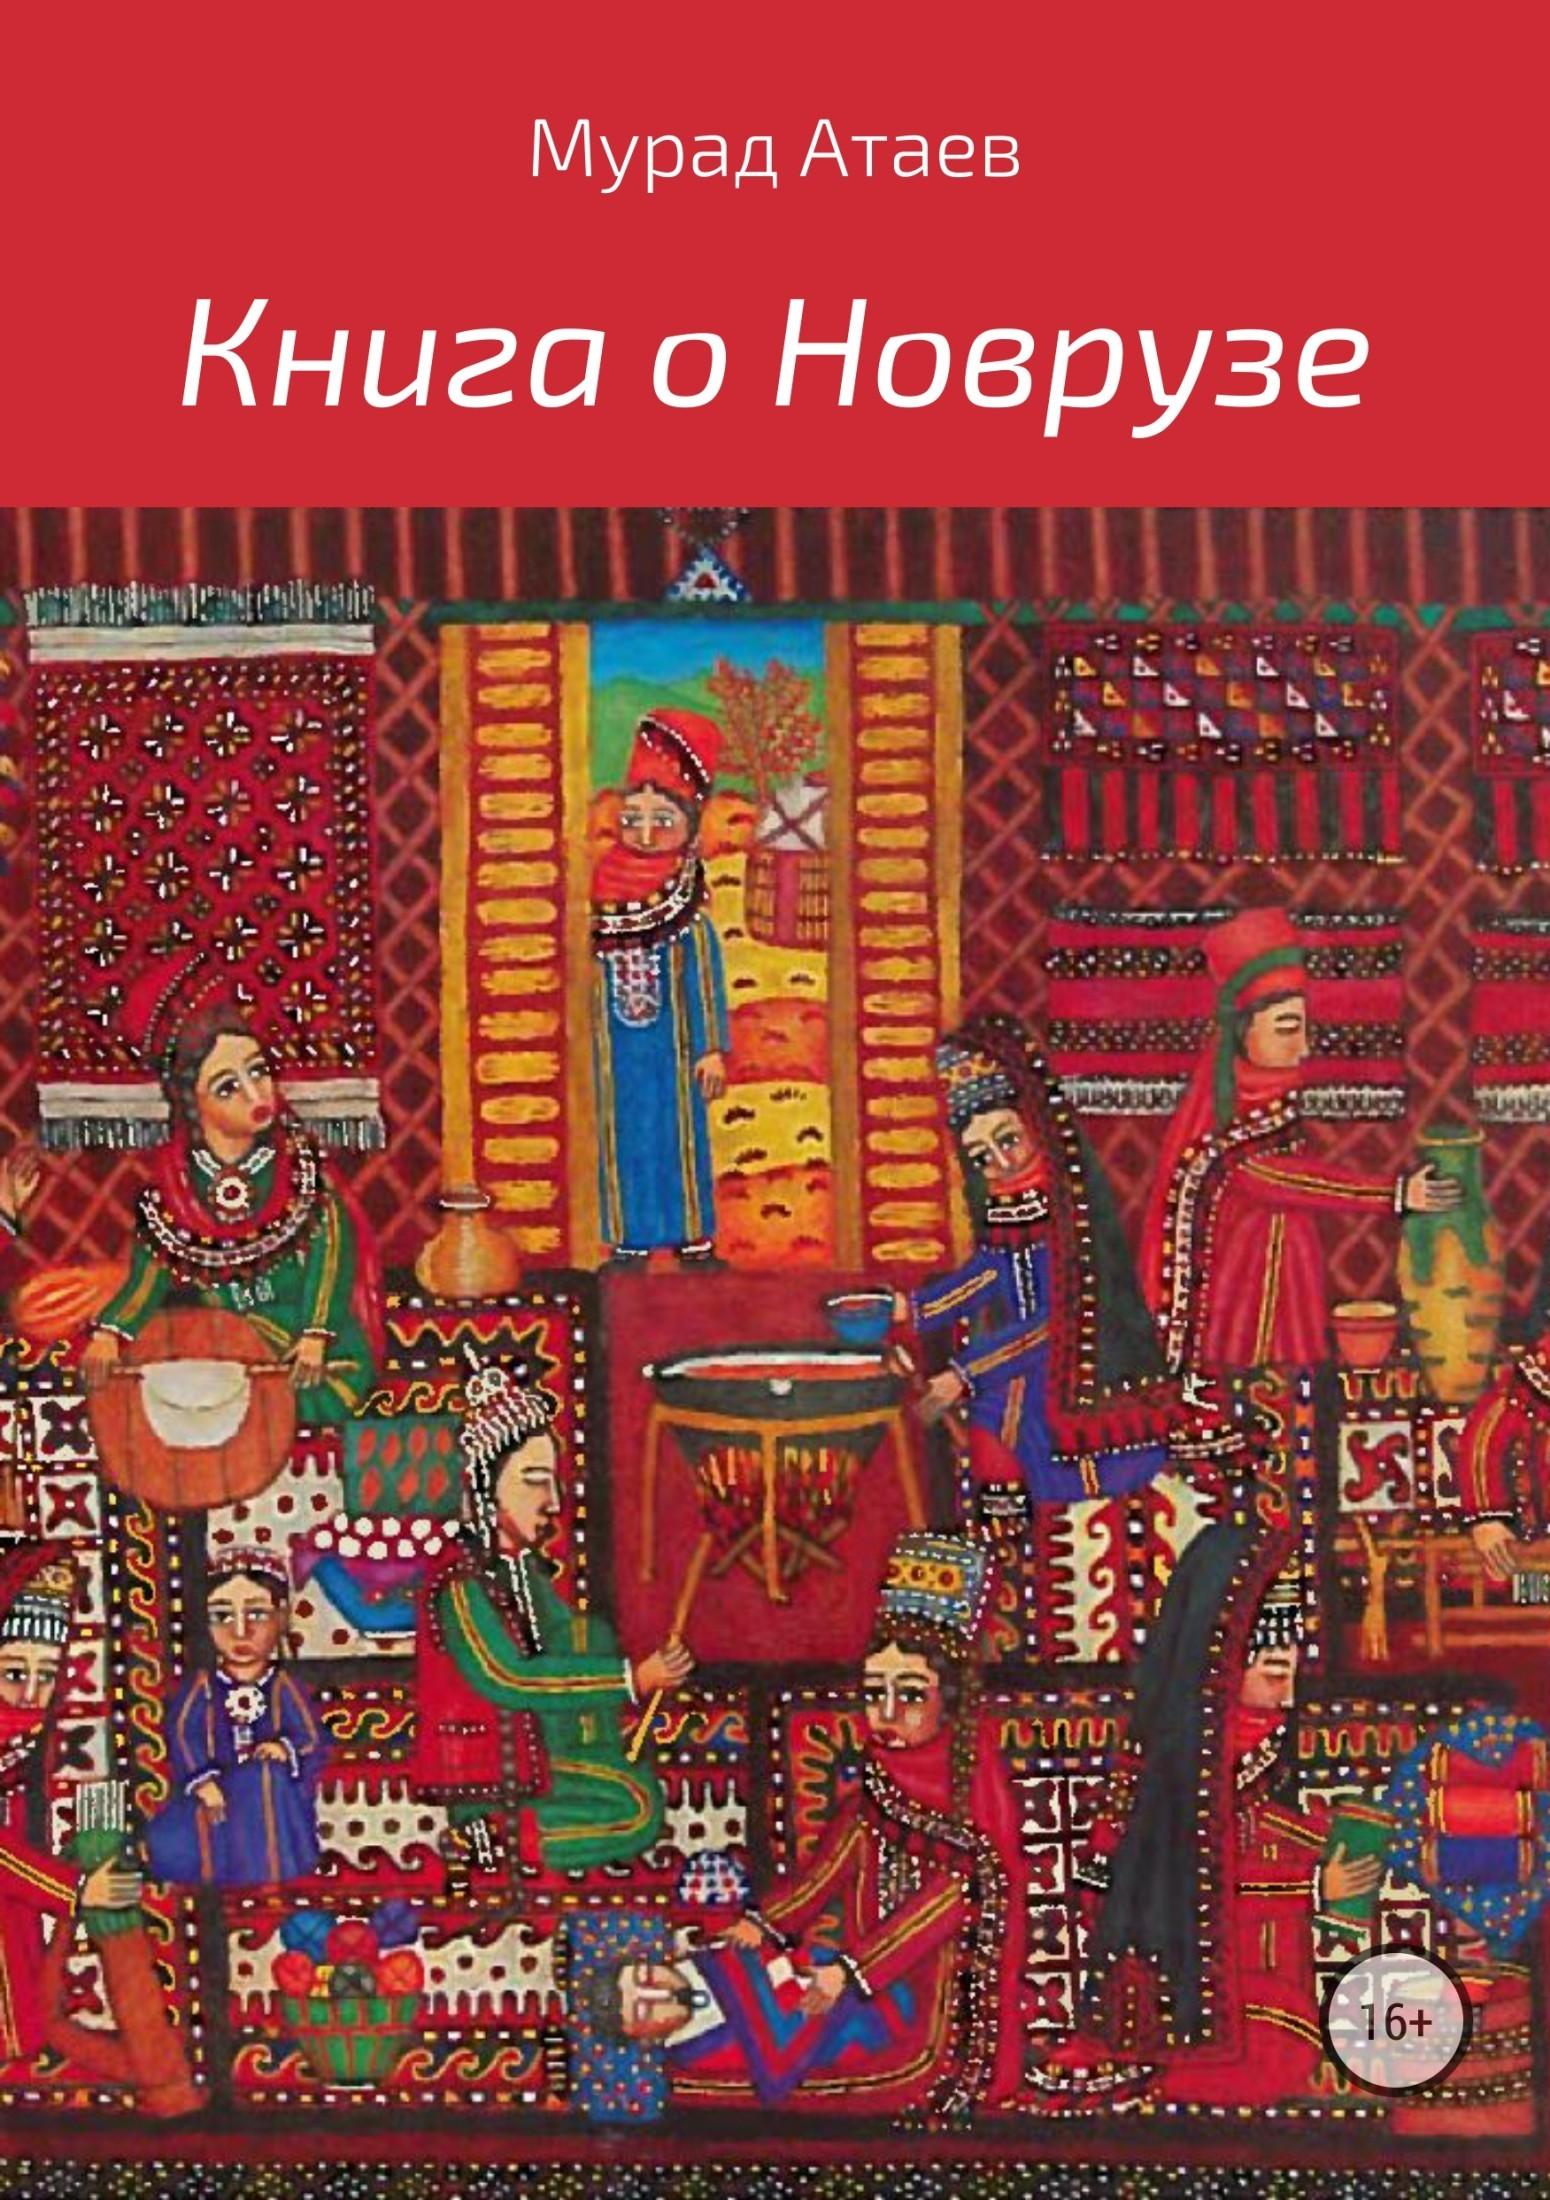 Мурад Атаев - Книга о Новрузе